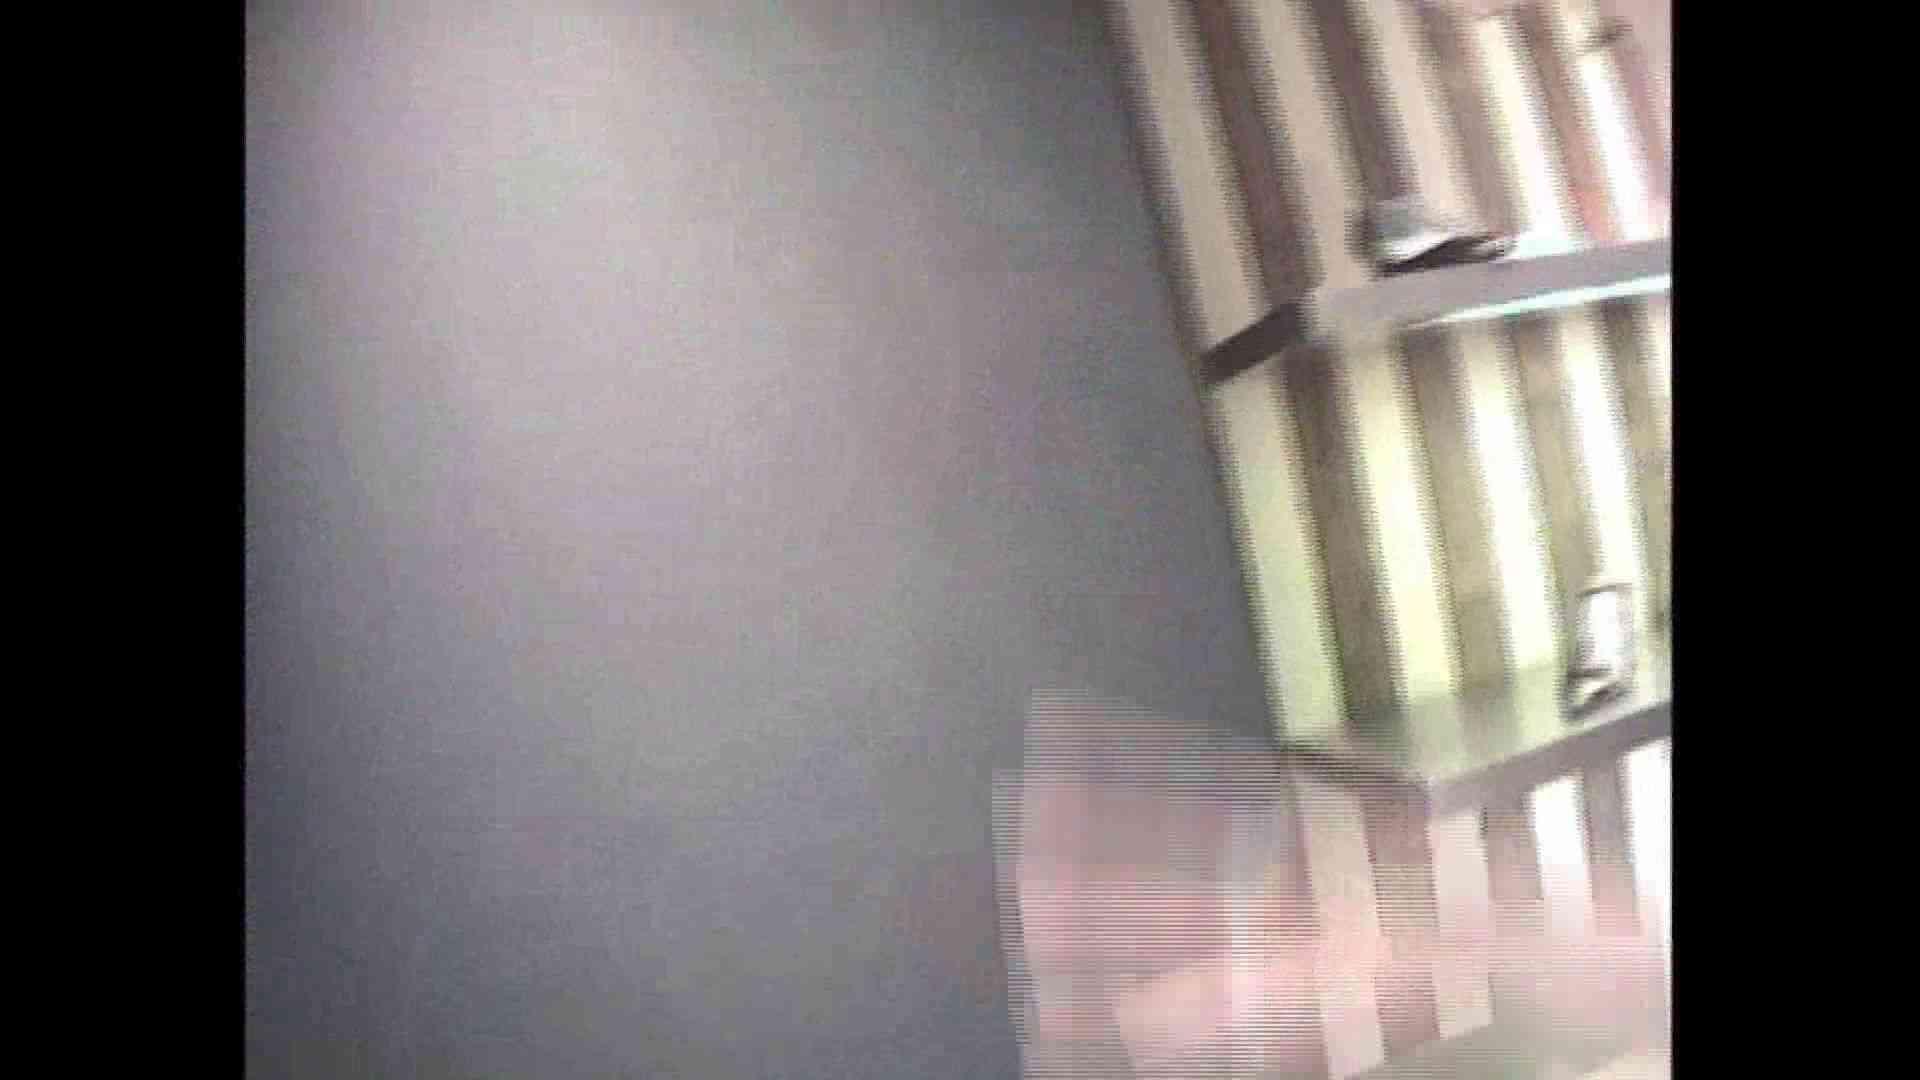 働く美女の谷間参拝 Vol.10 美女のヌード オメコ動画キャプチャ 96画像 22